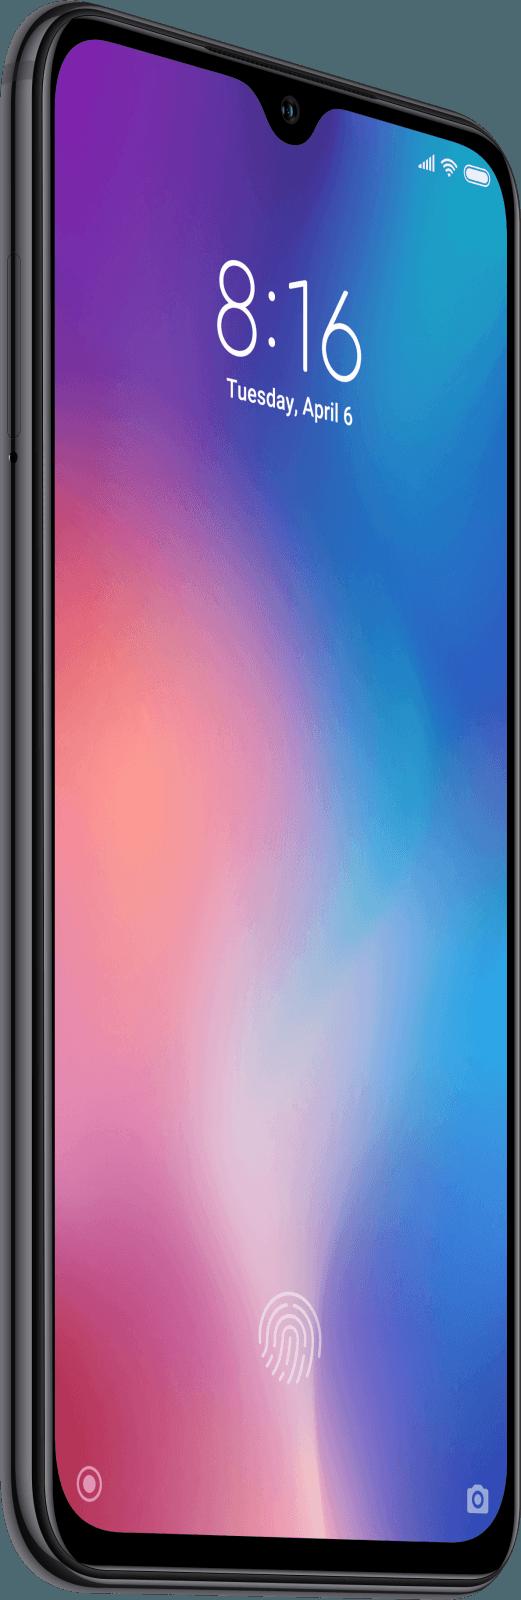 Xiaomi официально представила смартфон Mi 9 SE в России (mi 9 se 10)